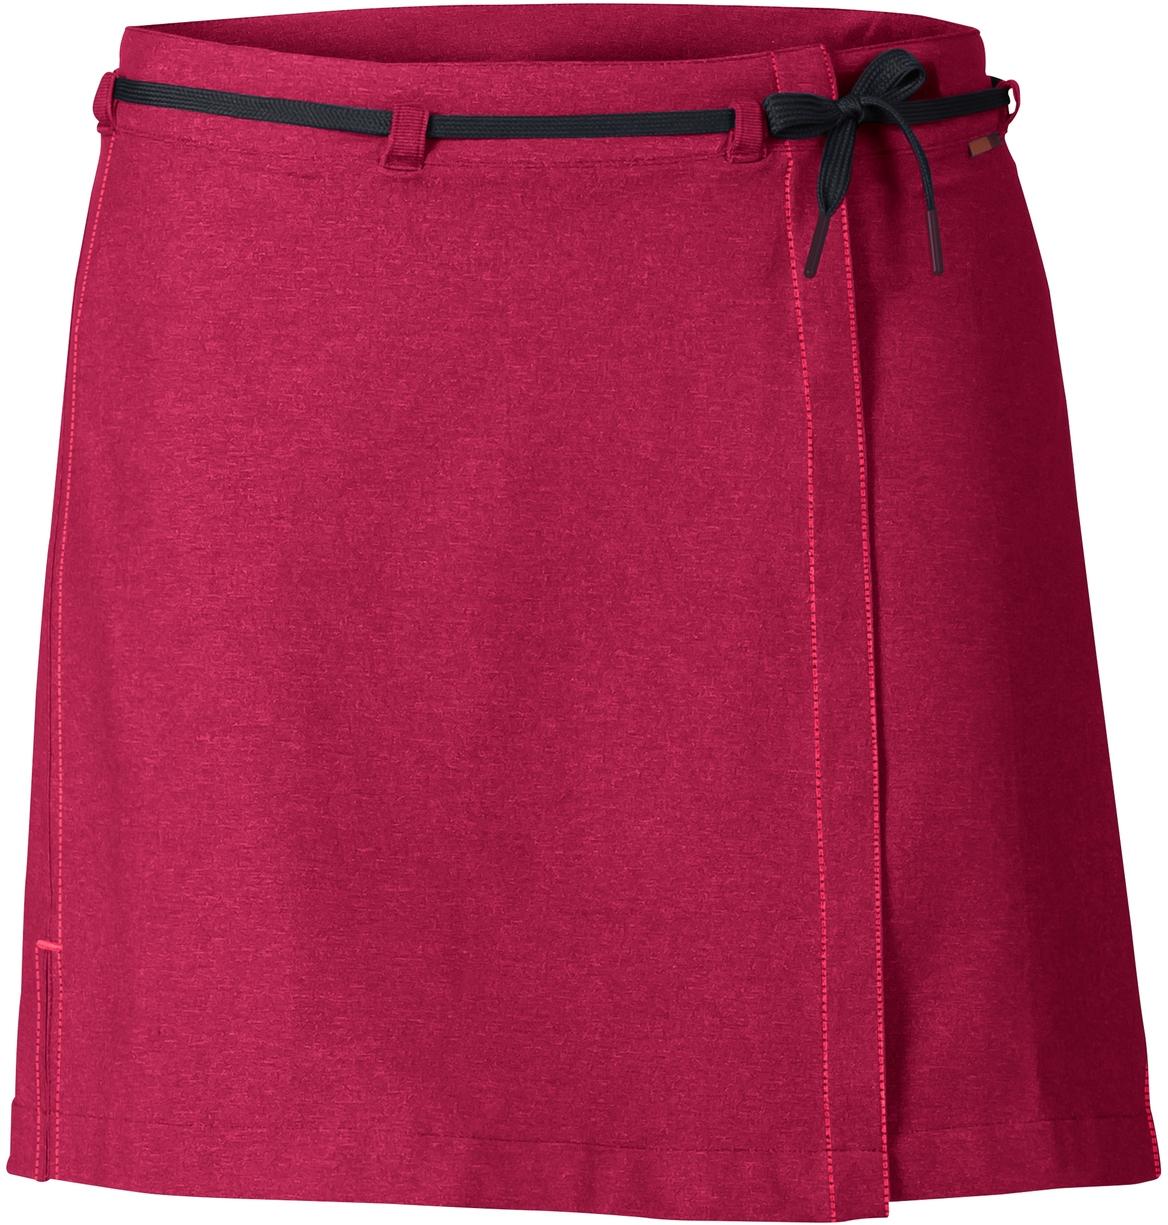 1fe4fdb51546e Vaude Women's Tremalzo Skirt II - crimson red XS. Stylová dámská  cyklistická sukně ...